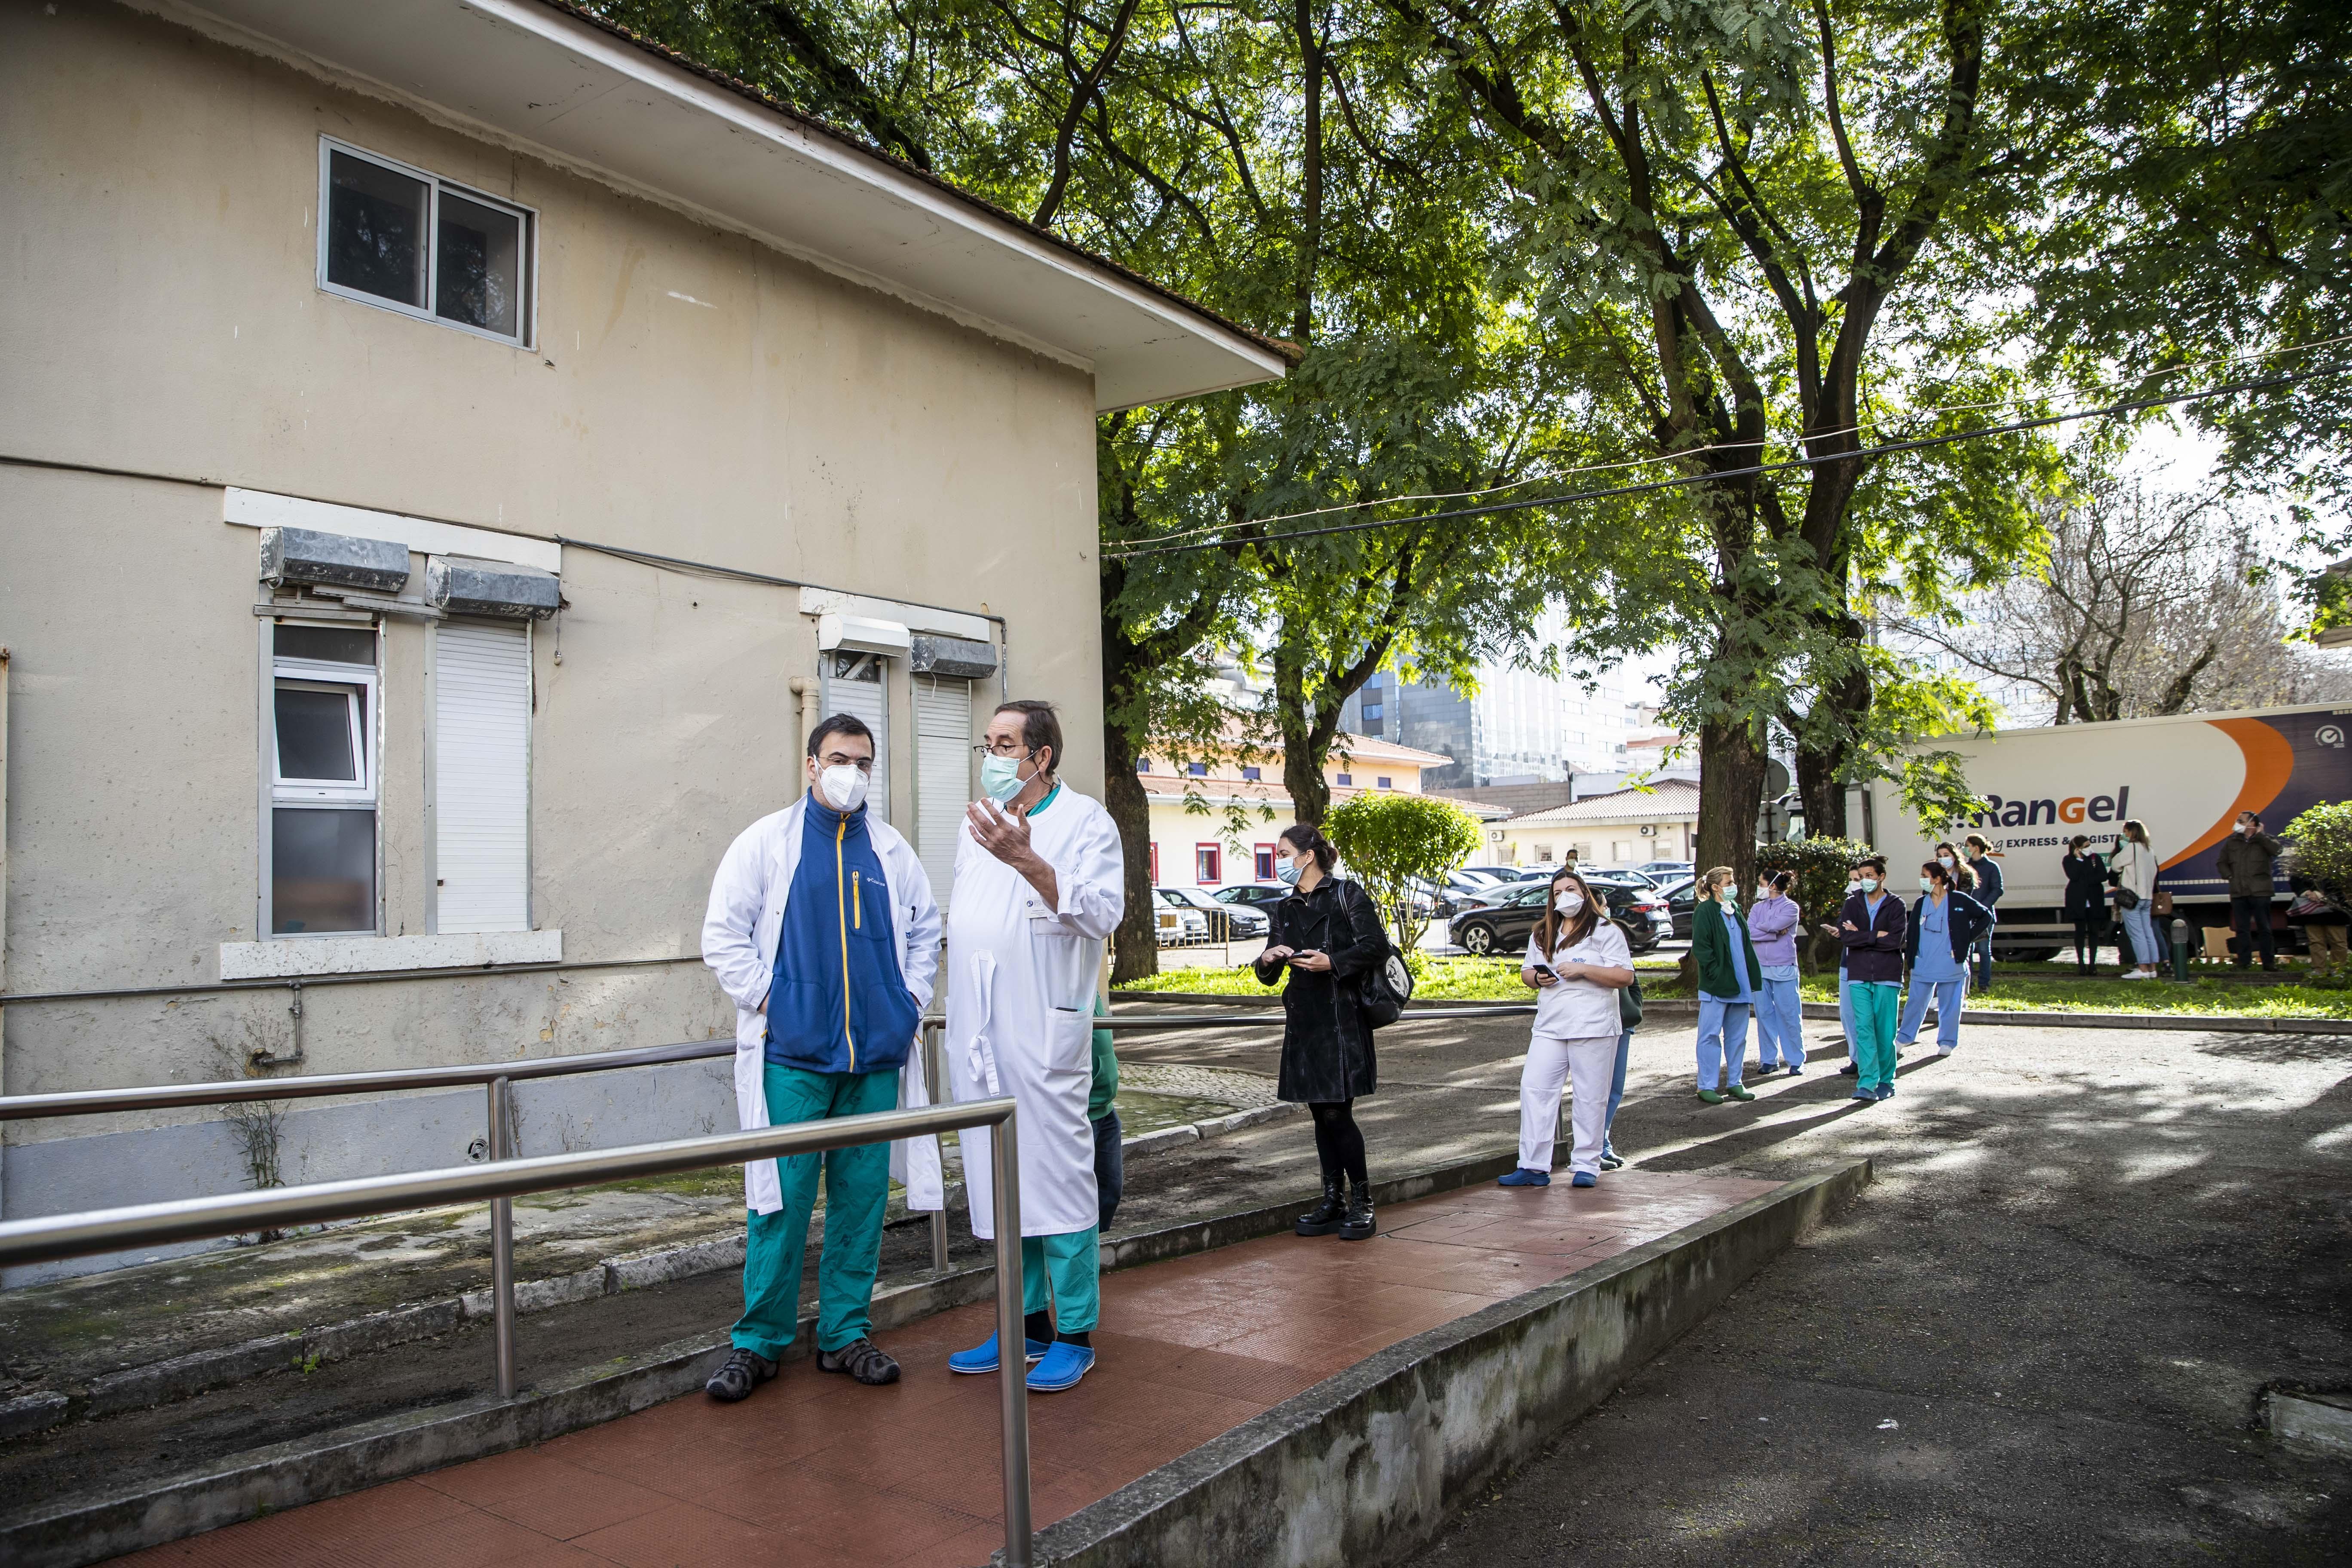 Portekiz sağlık sistemi korona virüs nedeni ile çökmek üzere